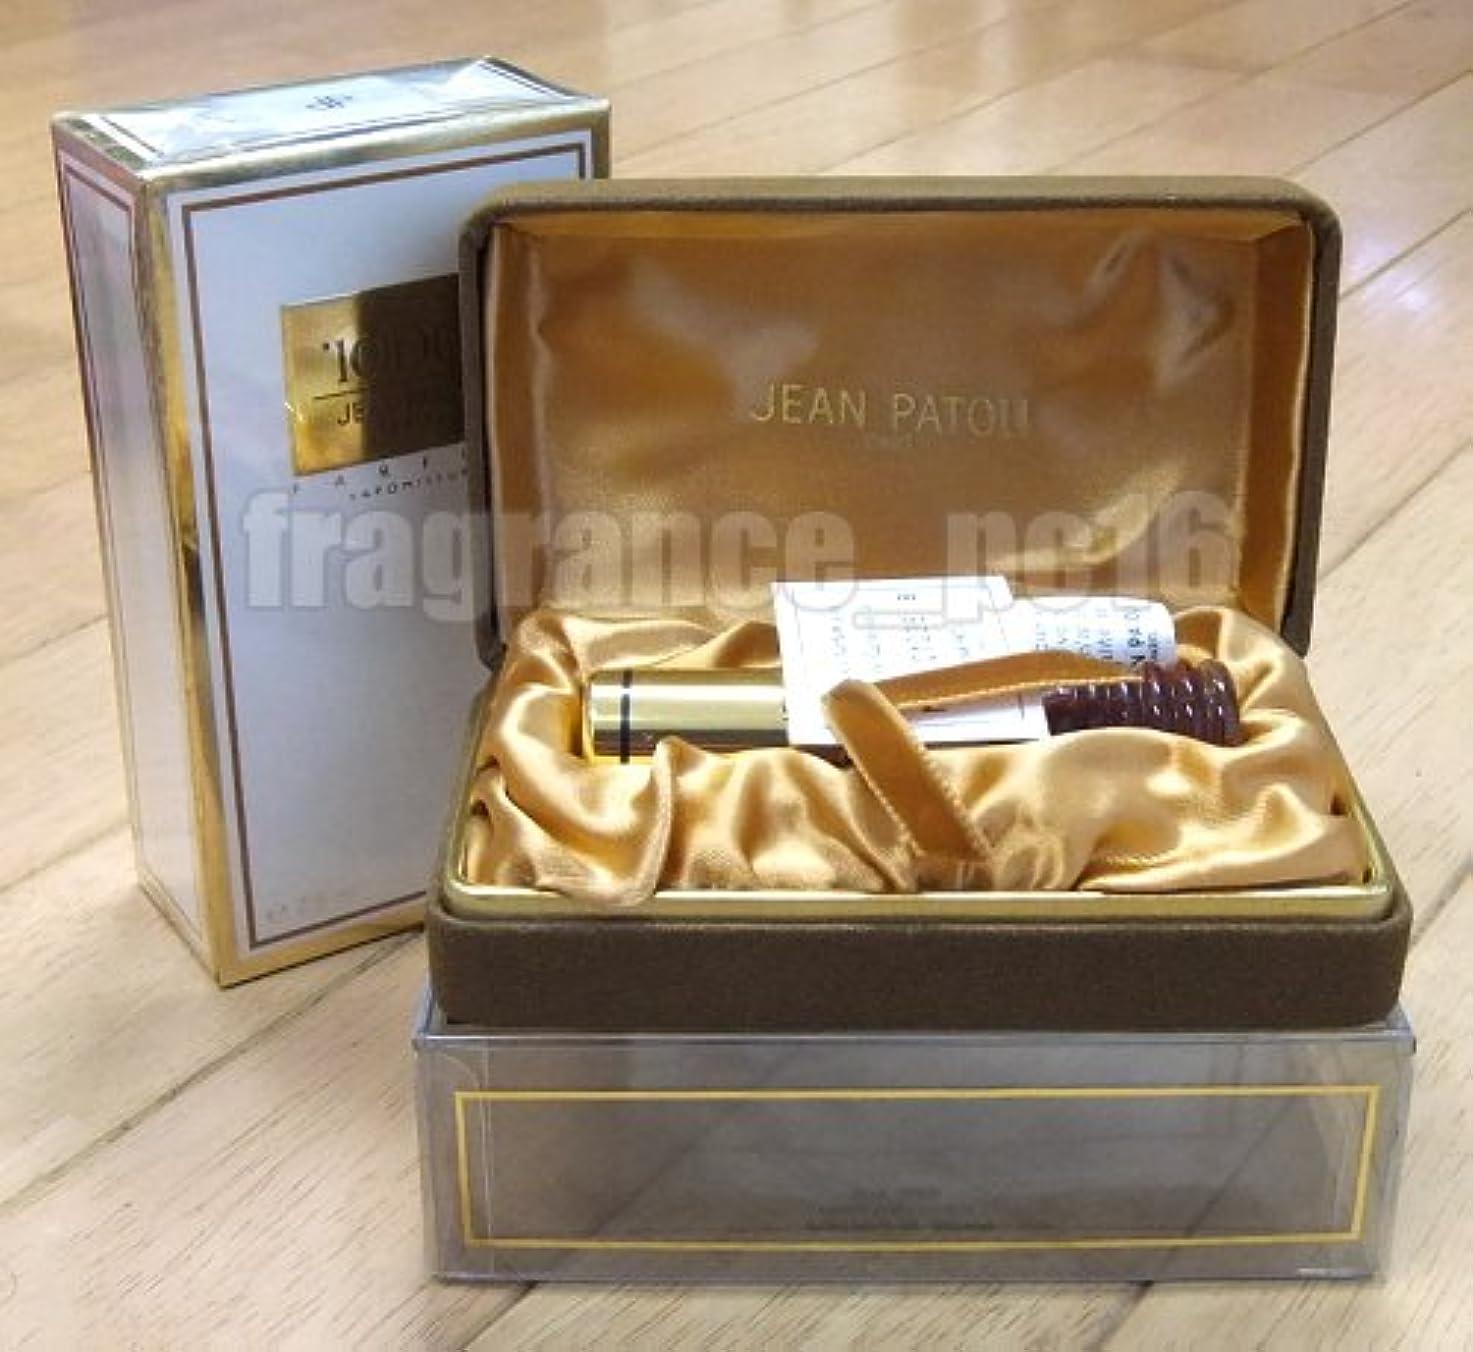 ハリケーン大邸宅ベッドを作るJEAN PATOU ジャンパトゥ ミル 1000 パルファム 7.5ml スプレー (並行輸入) Parfum